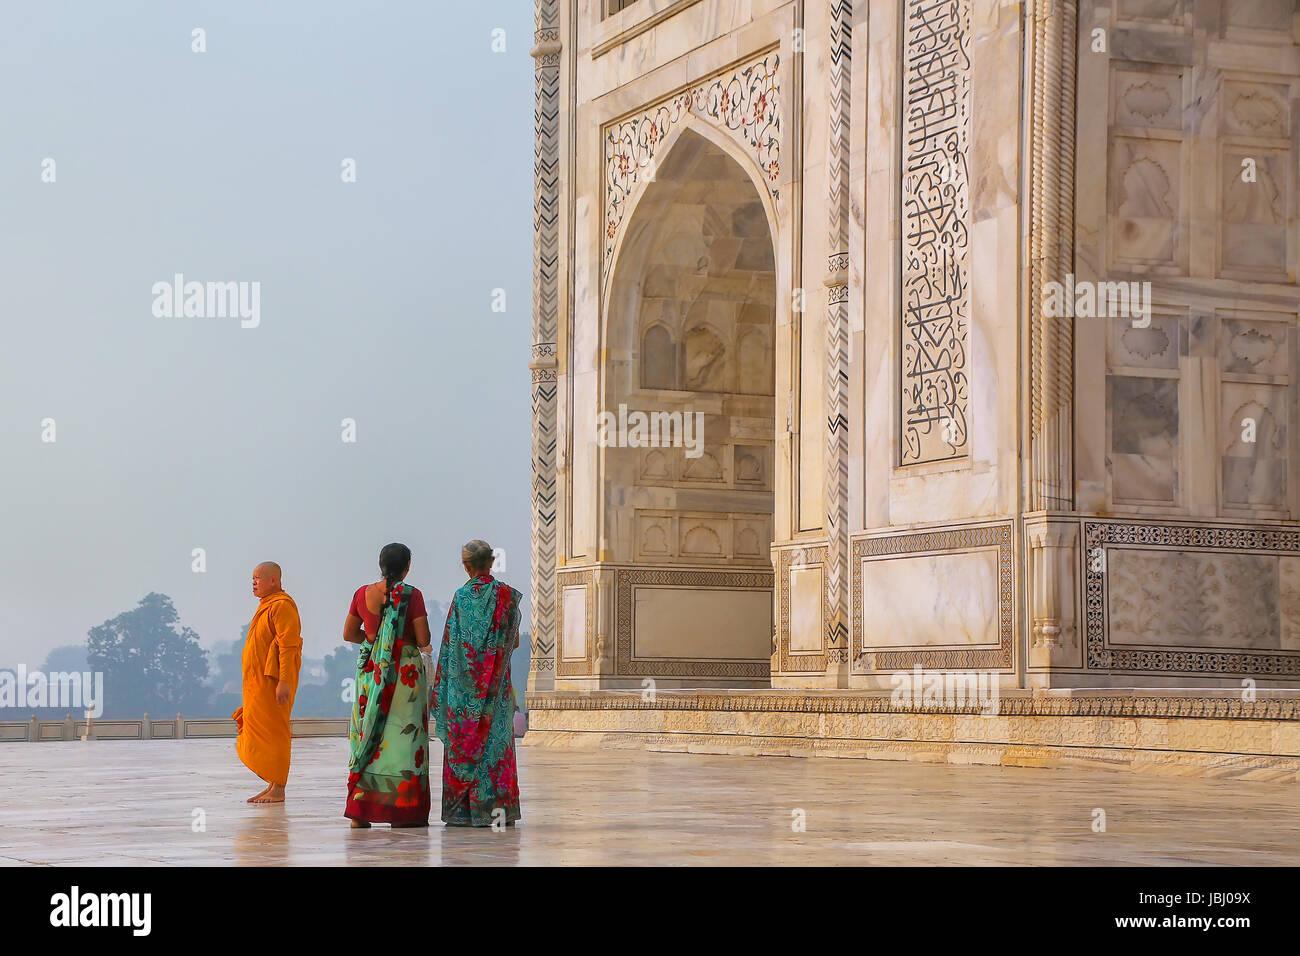 Los turistas de pie fuera de Taj Mahal en Agra, Uttar Pradesh, India. Taj Mahal fue designado como Patrimonio de Imagen De Stock